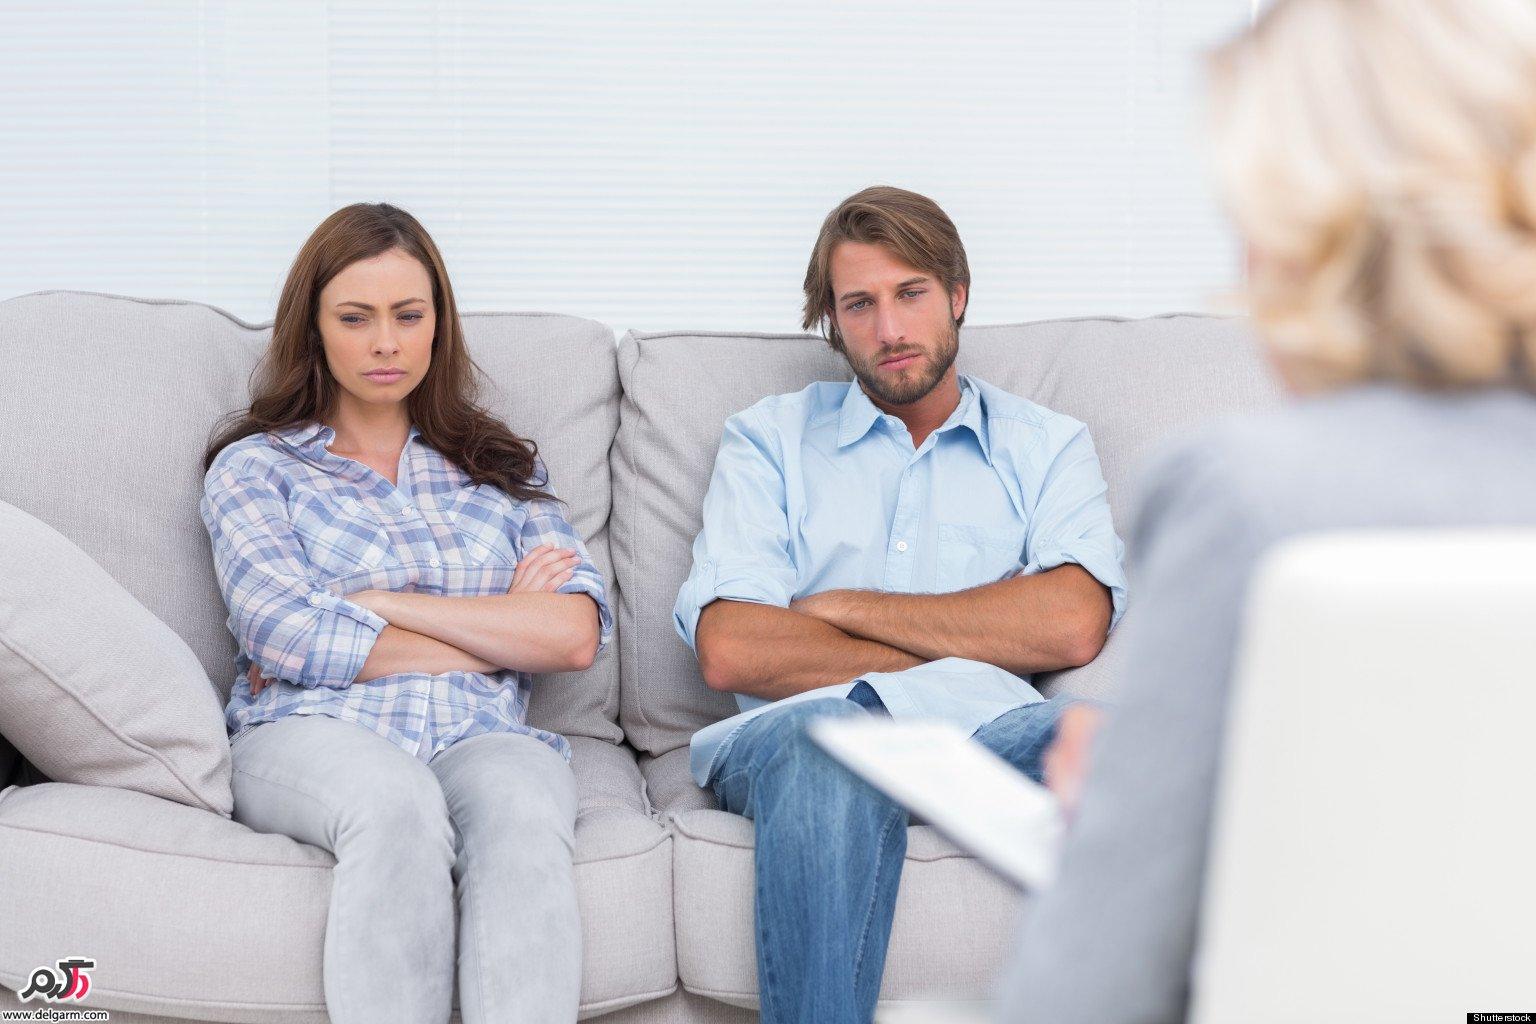 چند راهکار برای رفع دلخوری و ناراحتی بین زوجین در زندگی زناشویی